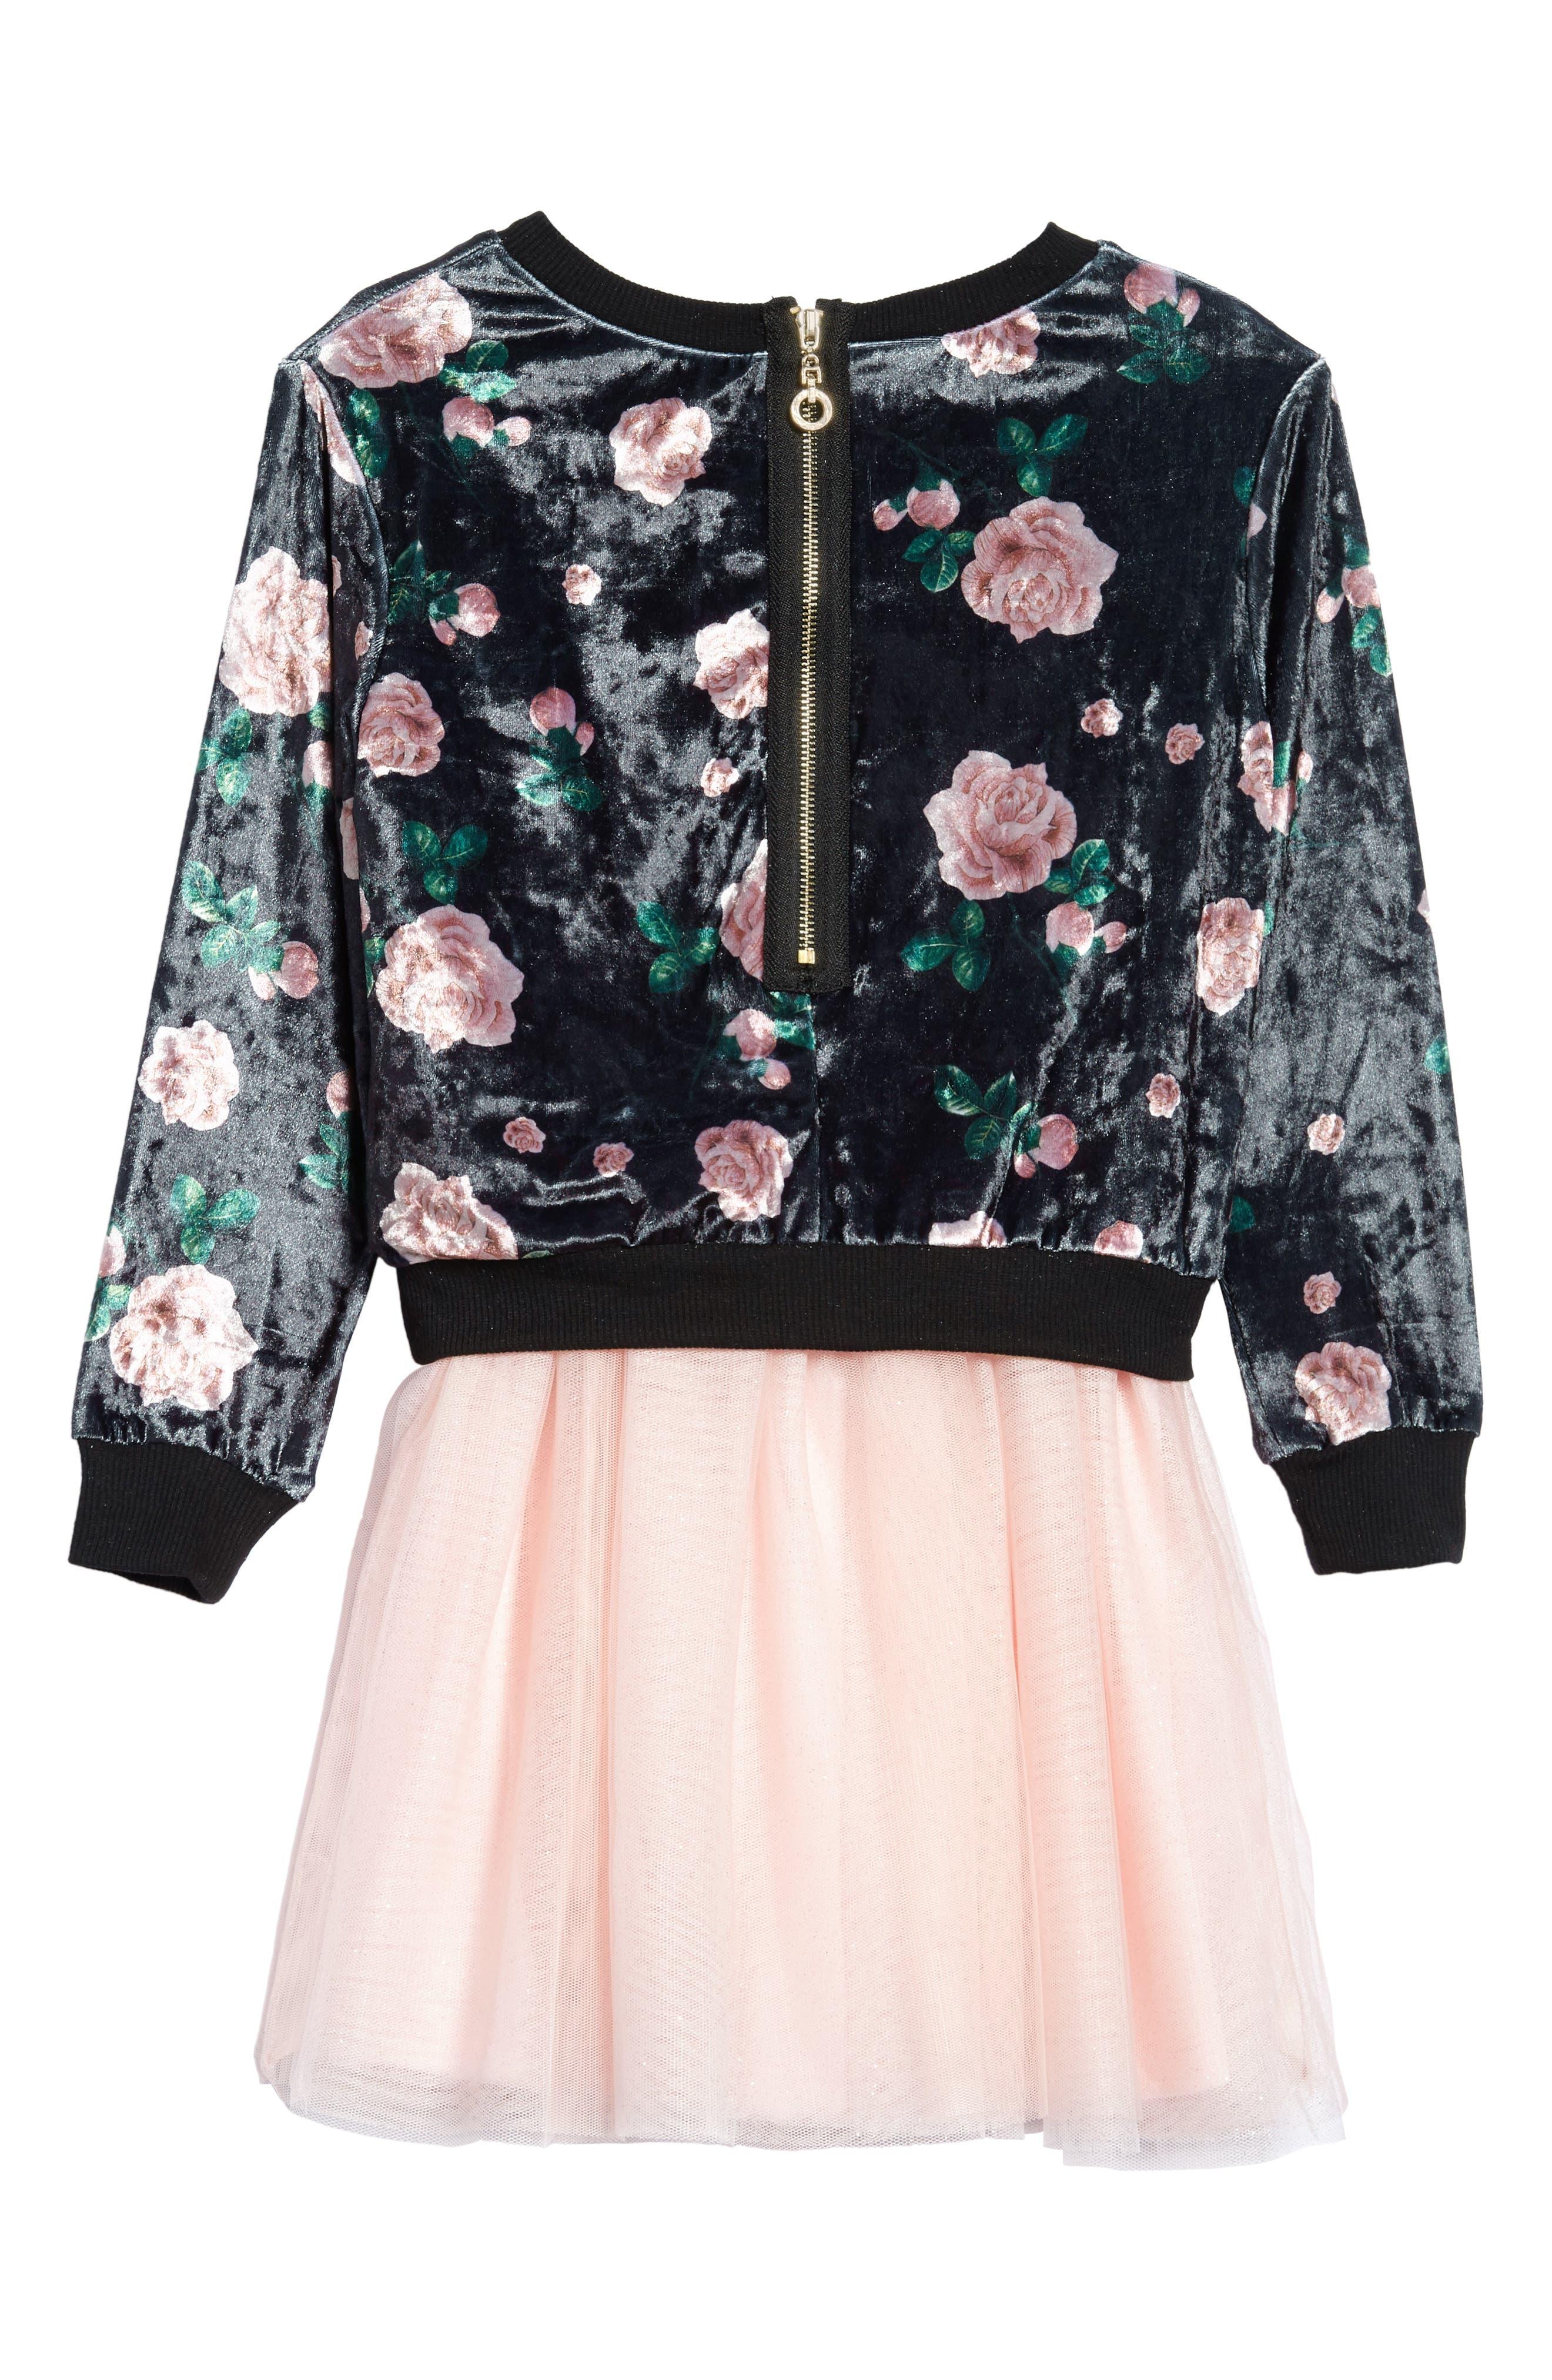 Tutu Dress & Sweater Set,                             Alternate thumbnail 2, color,                             Black Multi